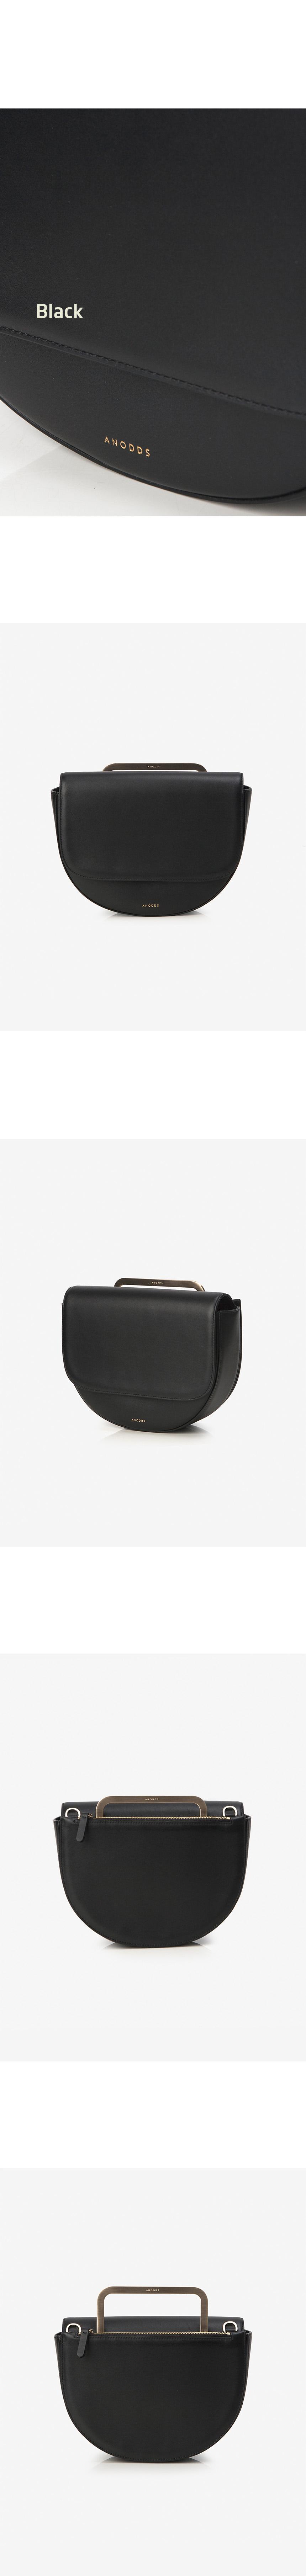 앤오즈(ANODDS) GRAP Shoulder Bag 3 Color